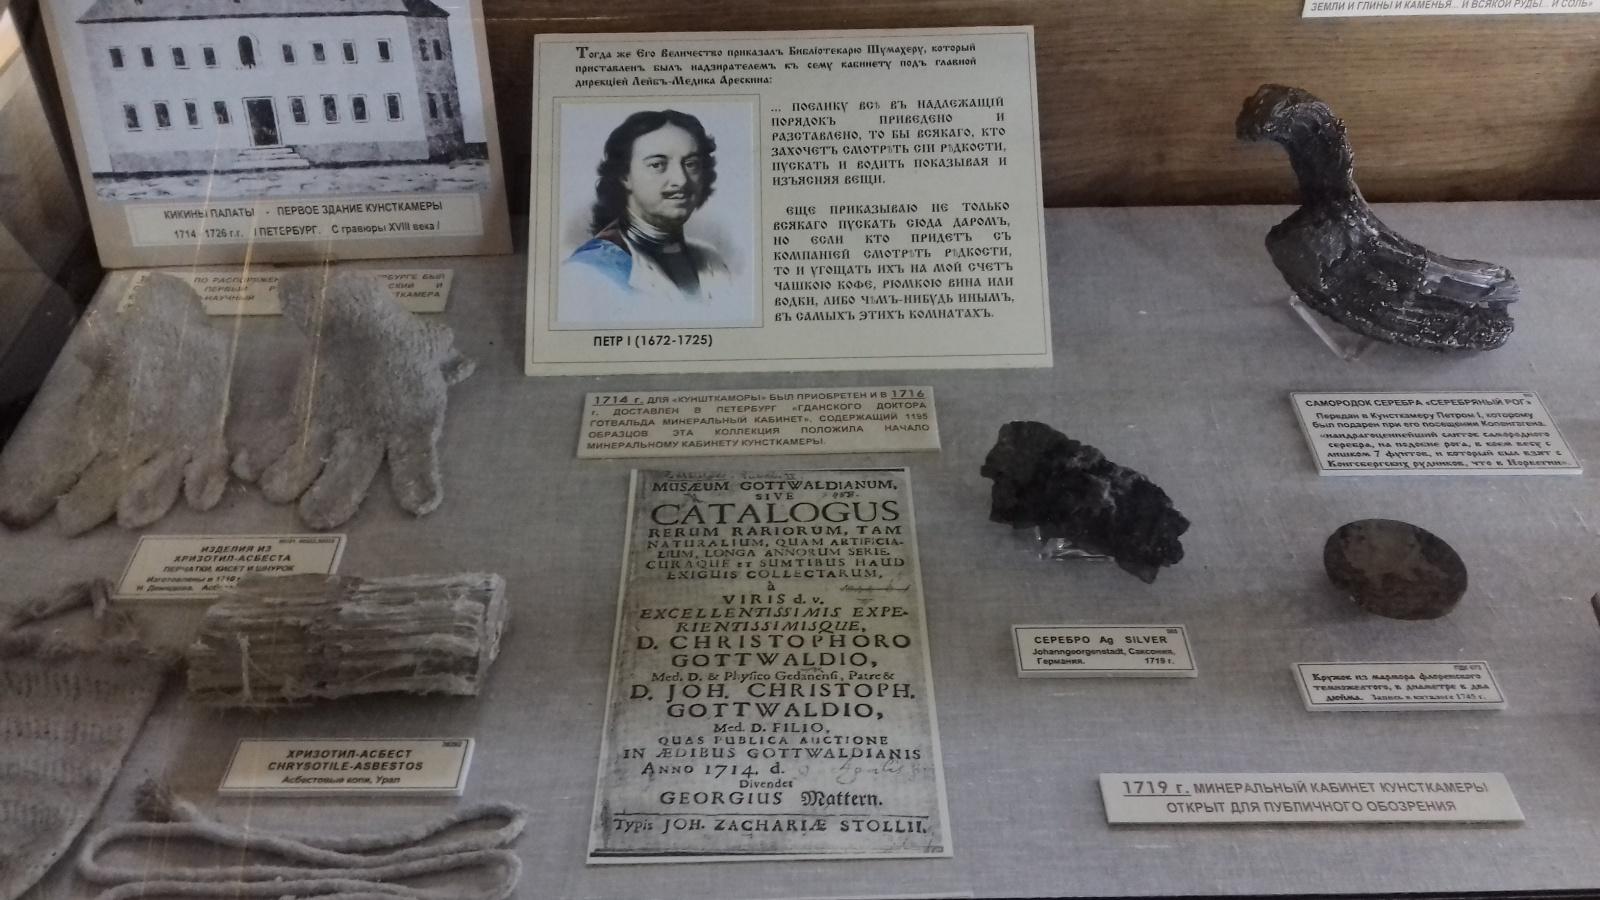 Фотоэкскурсия по Минералогическому музею имени Ферсмана - 2